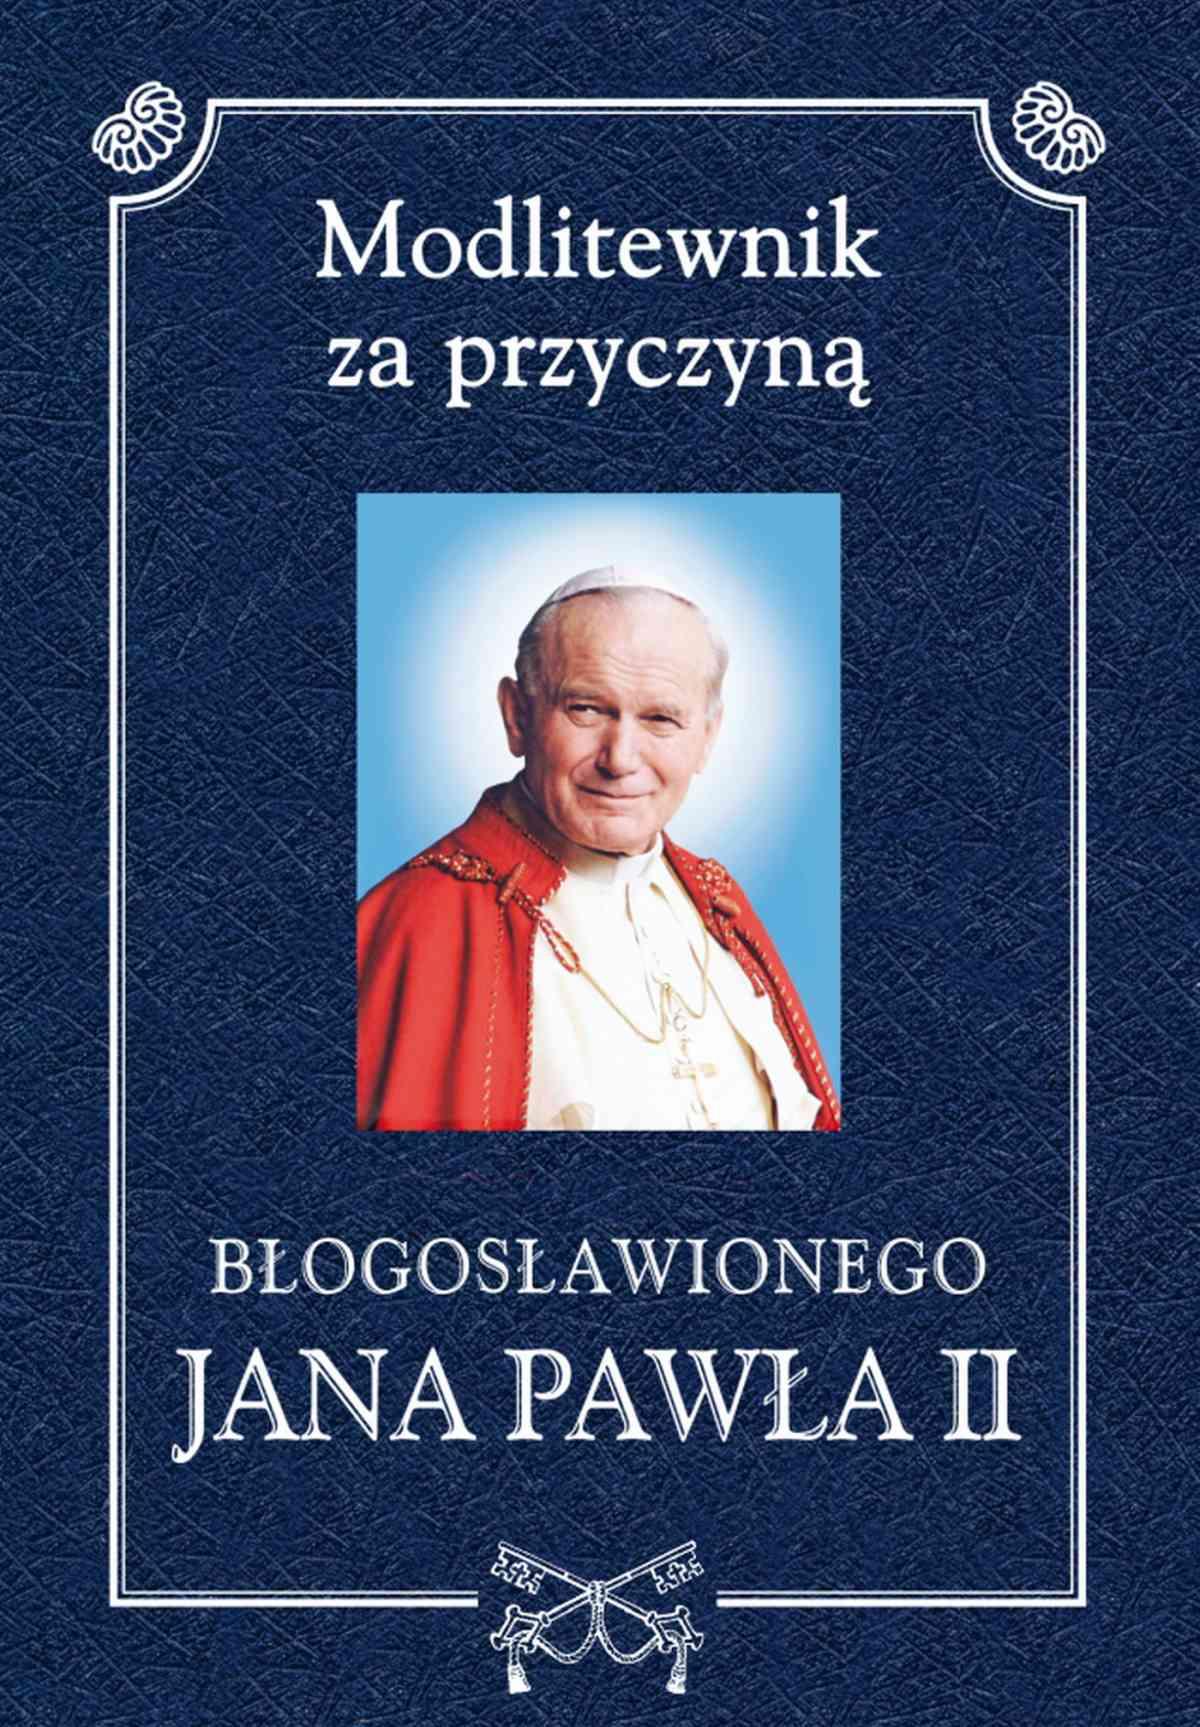 Modlitewnik za przyczyną błogosławionego Jana Pawła II - Ebook (Książka EPUB) do pobrania w formacie EPUB